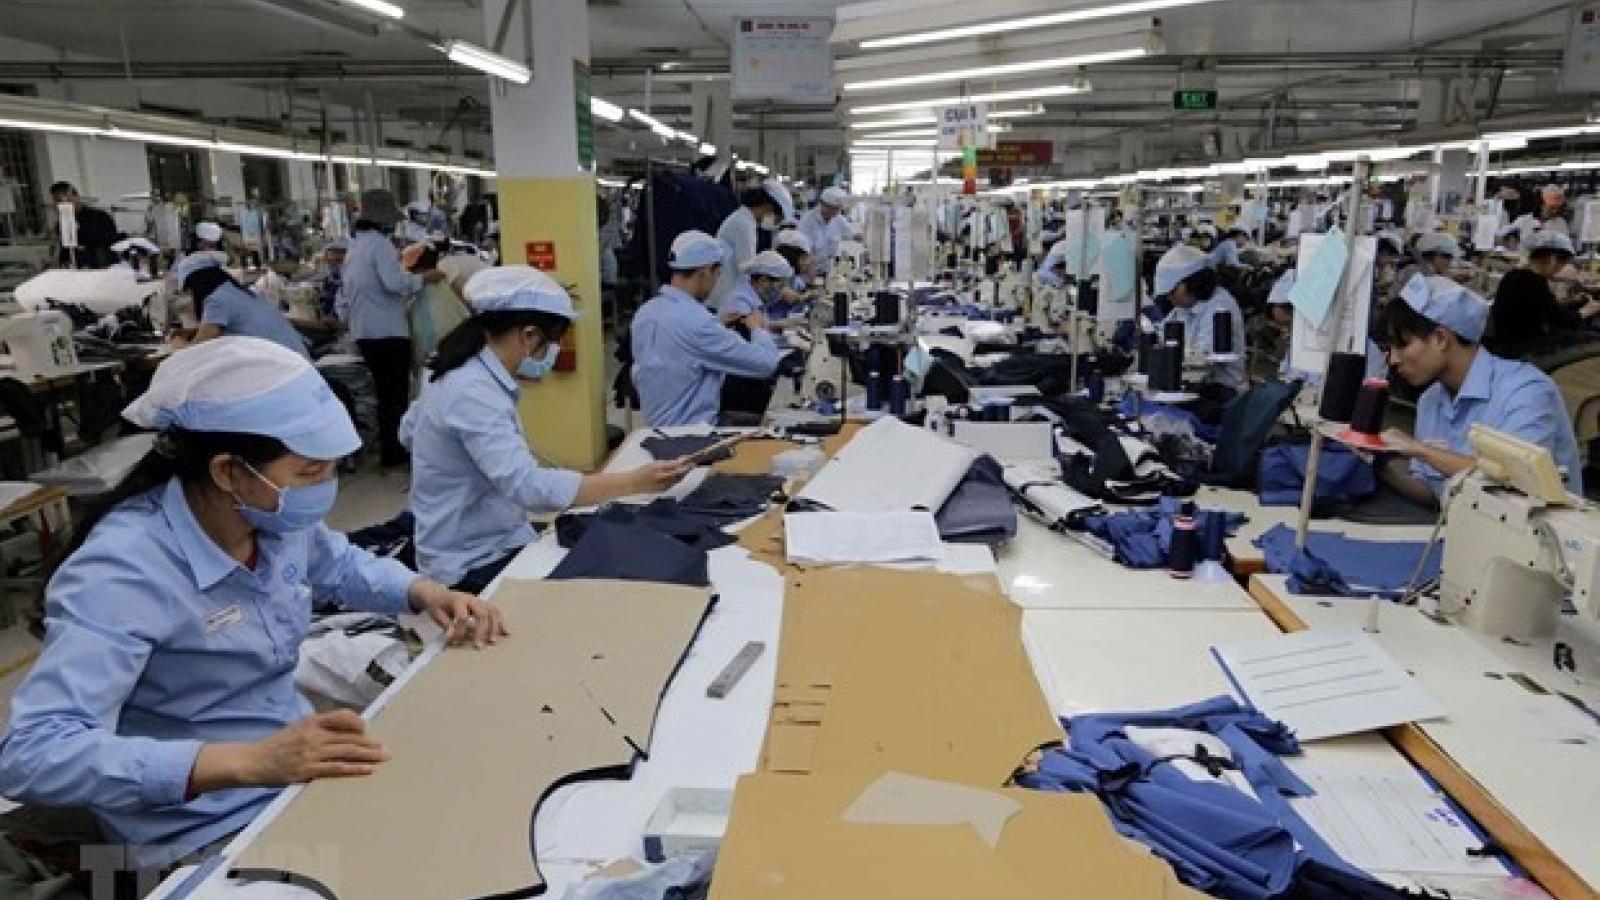 Nhu cầu tuyển dụng tăng, thu nhập của lao động vẫn chưa cải thiện